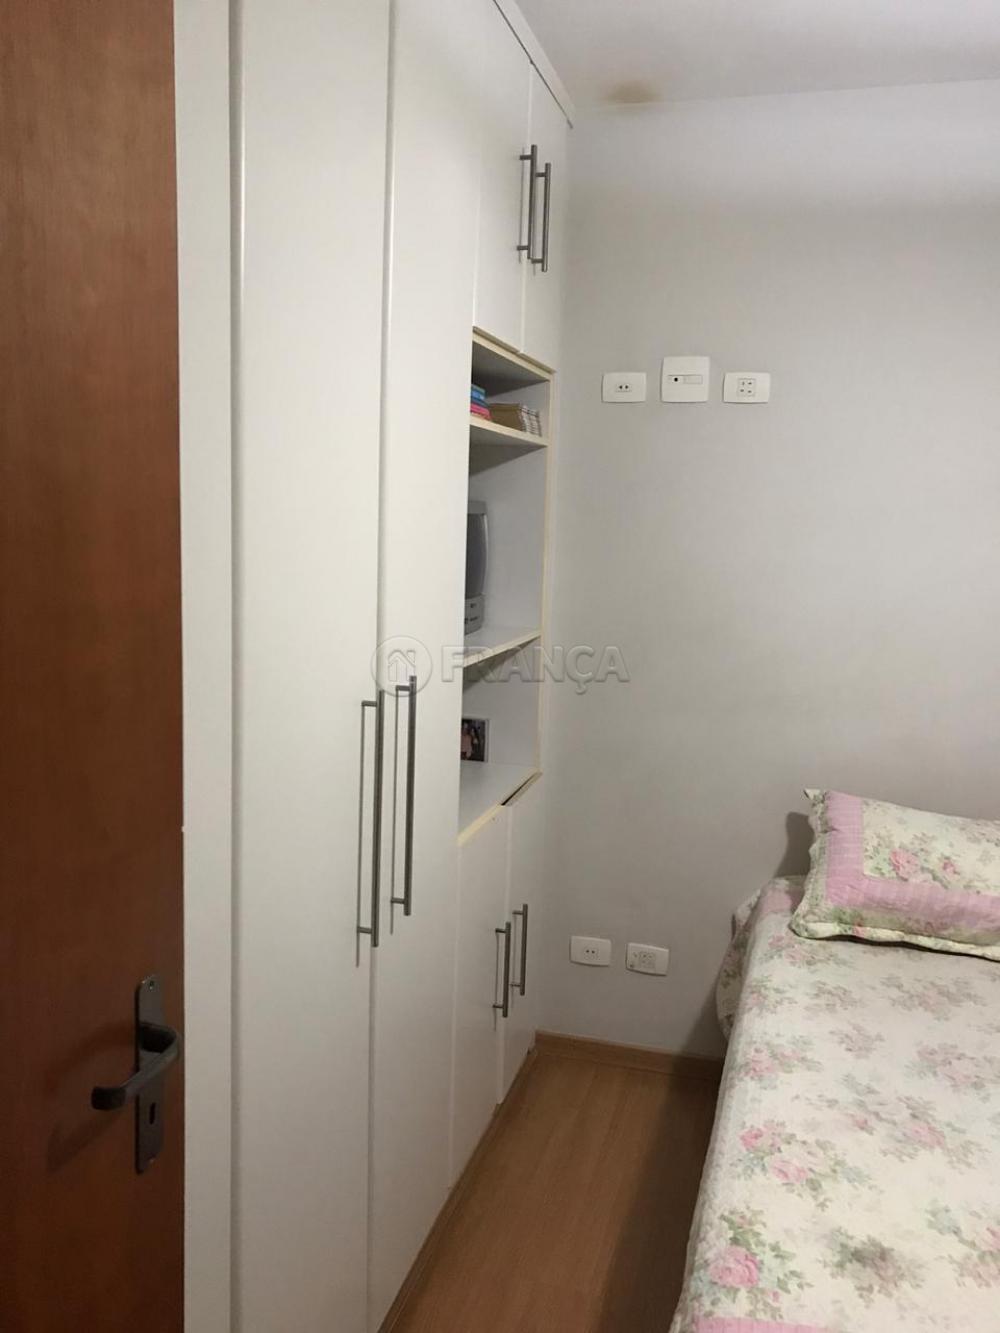 Comprar Apartamento / Padrão em São José dos Campos R$ 590.000,00 - Foto 9